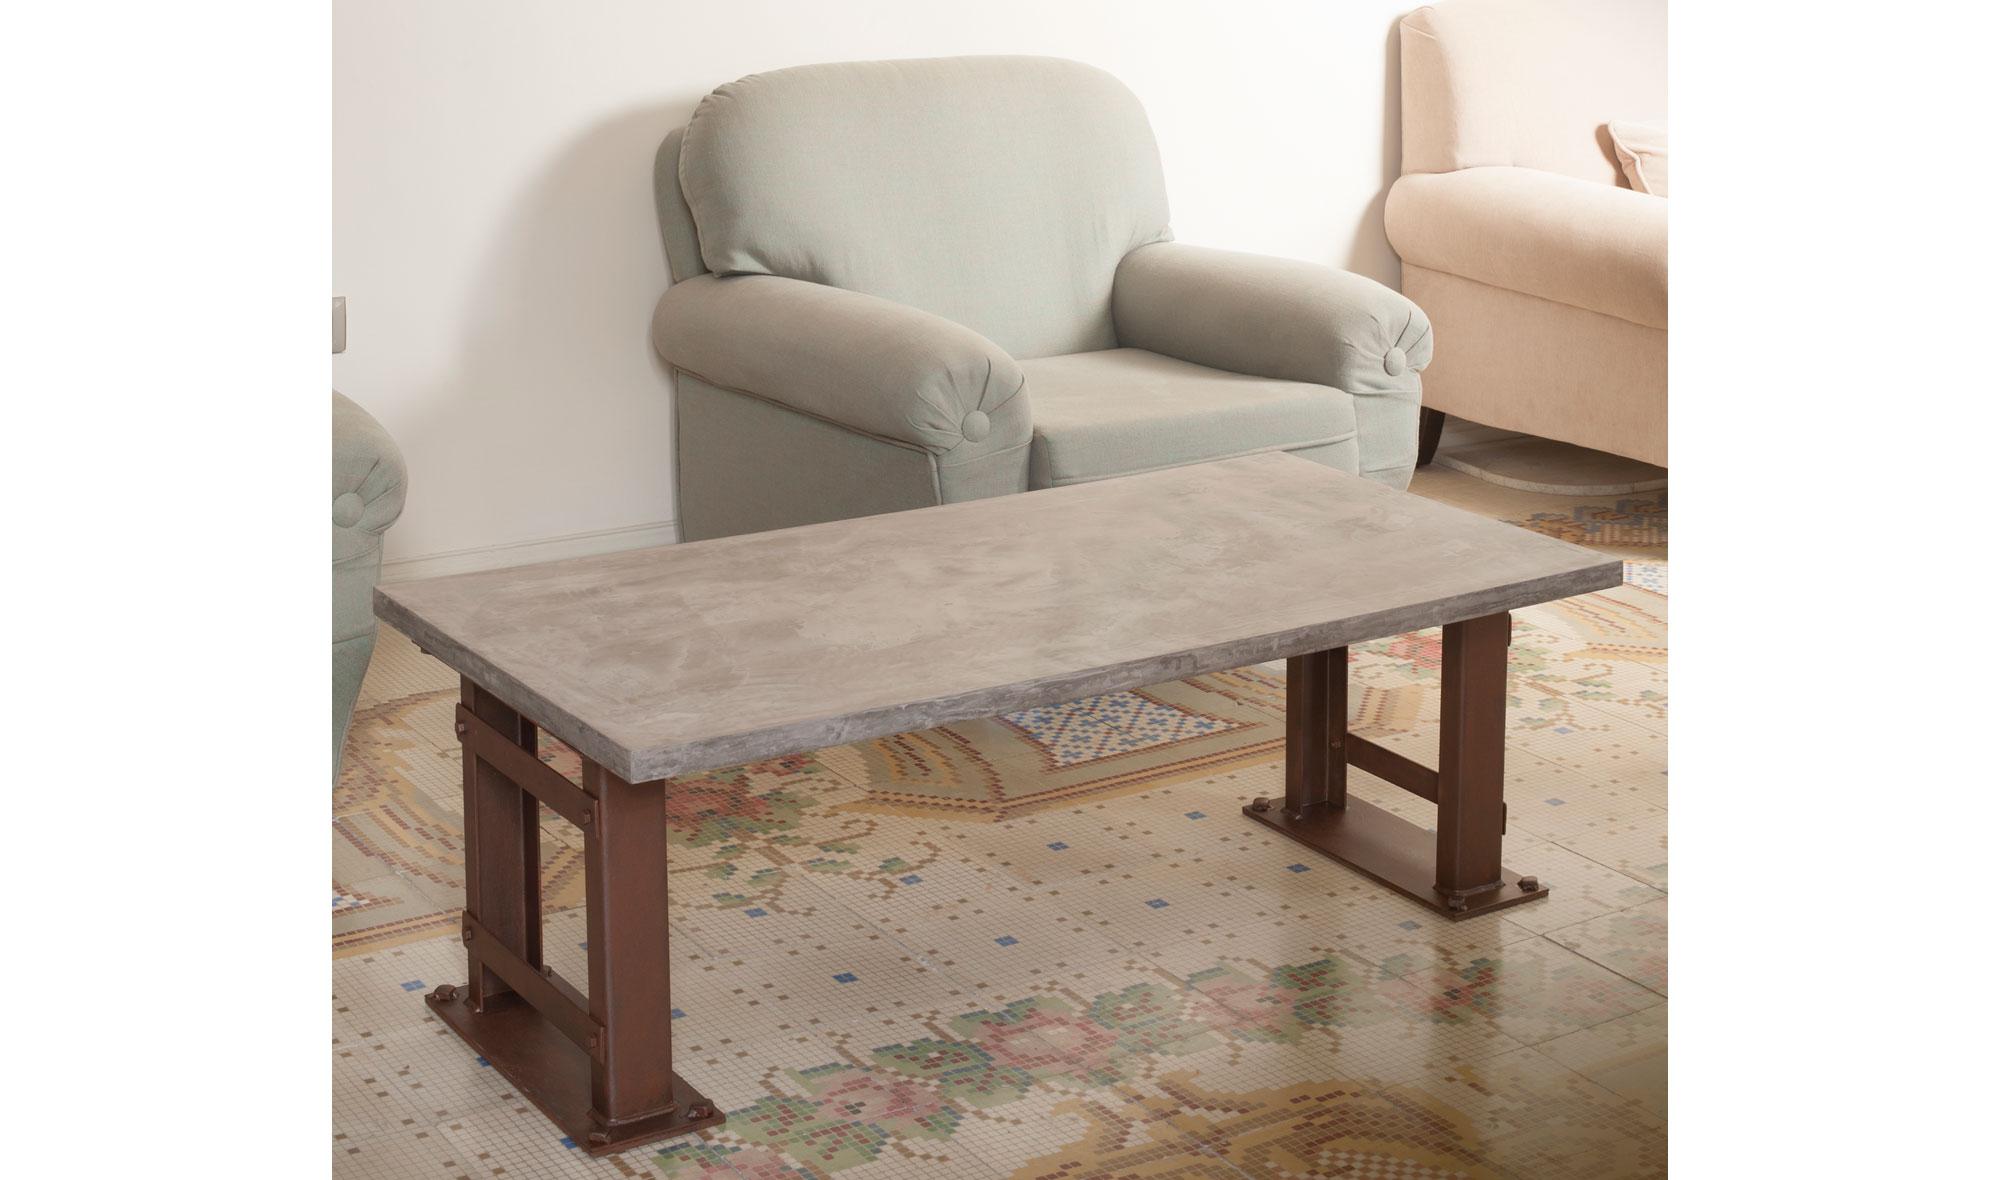 Mesa de centro microcemento londres de lujo en for Muebles de lujo